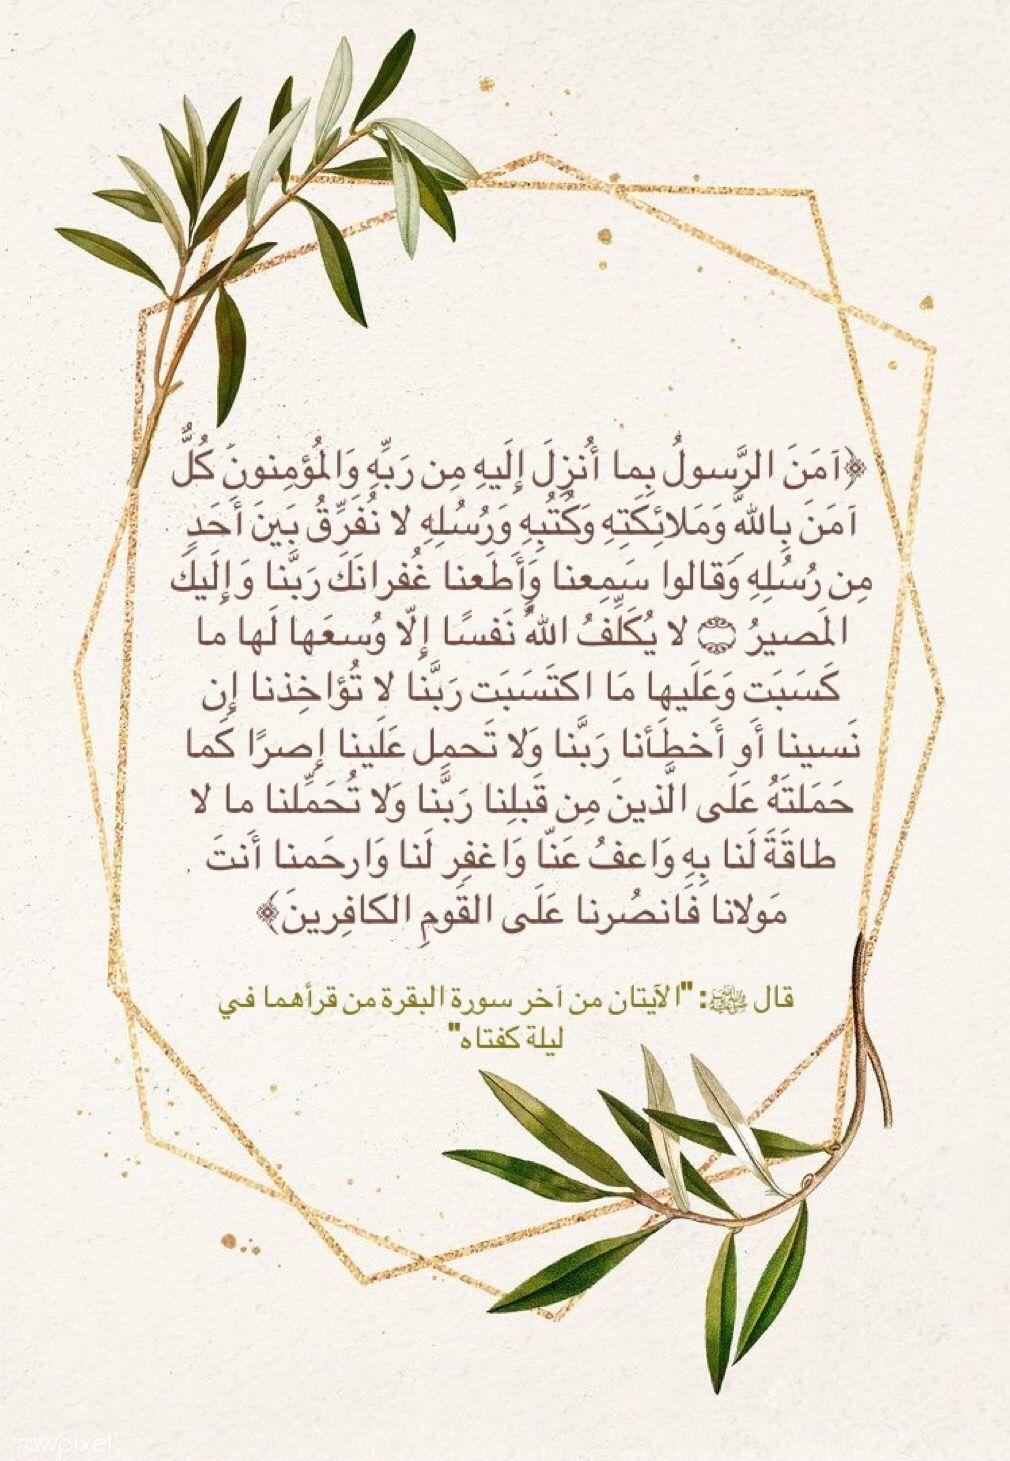 امن الرسول بما